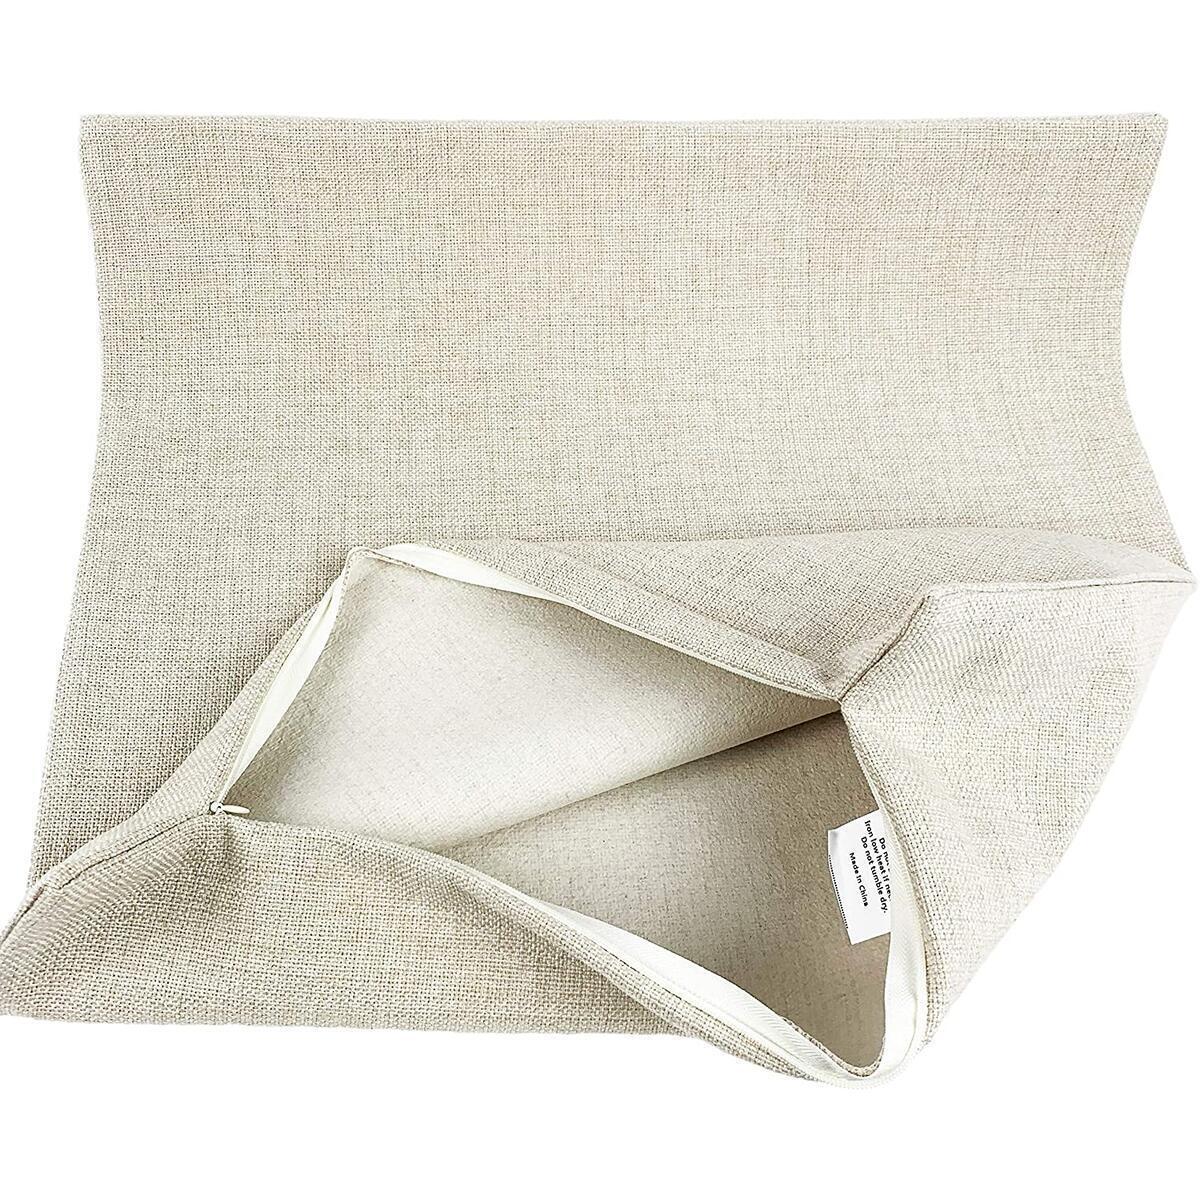 DrupsCo 18x18 Yorkie Pillow Case, Cotton Linen Yorkie Decor Pillow Cover